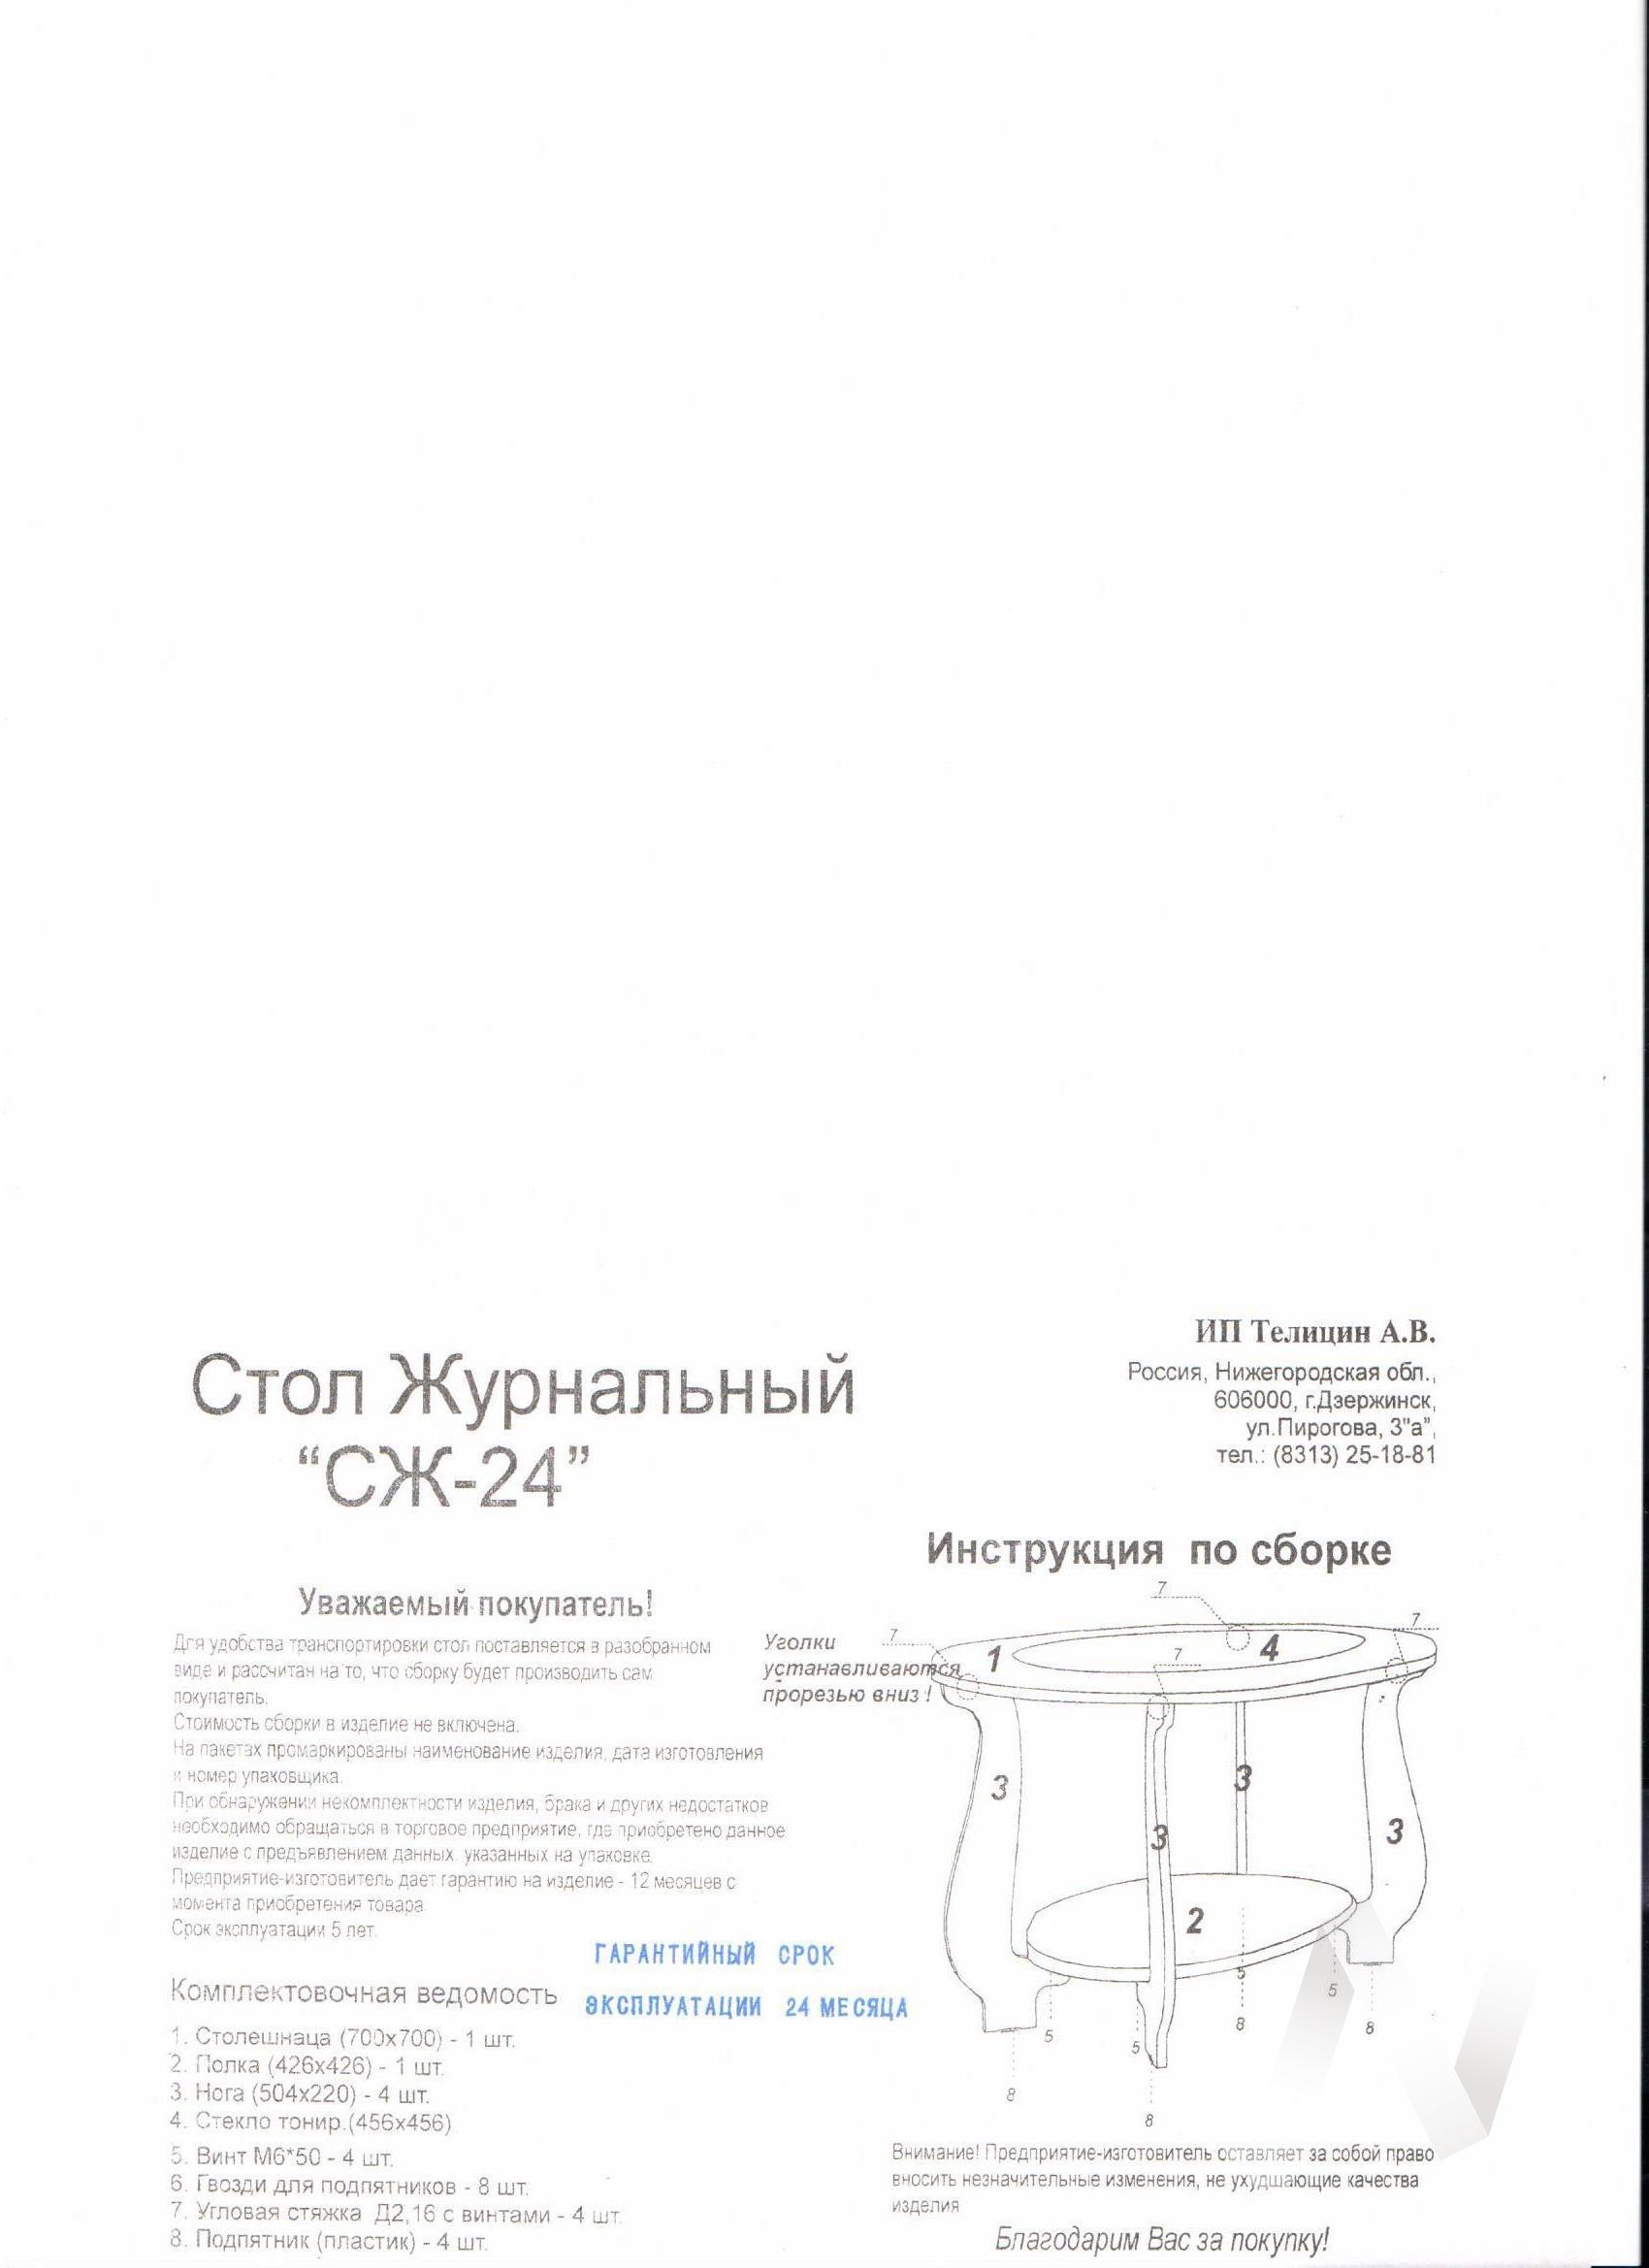 СЖ-24 Стол журнальный (дуб/венге)  в Томске — интернет магазин МИРА-мебель